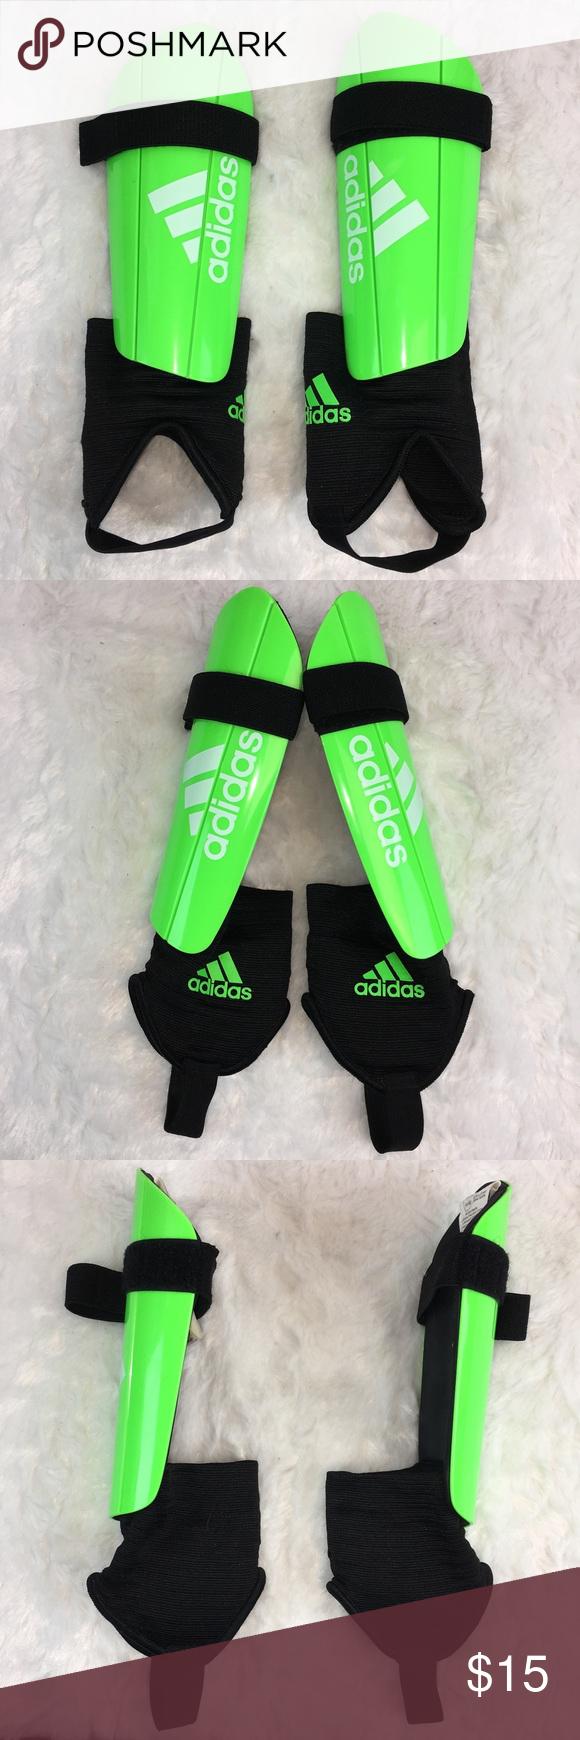 Adidas Youth Soccer Shin Guards B8 Soccer Shin Guards Youth Soccer Adidas